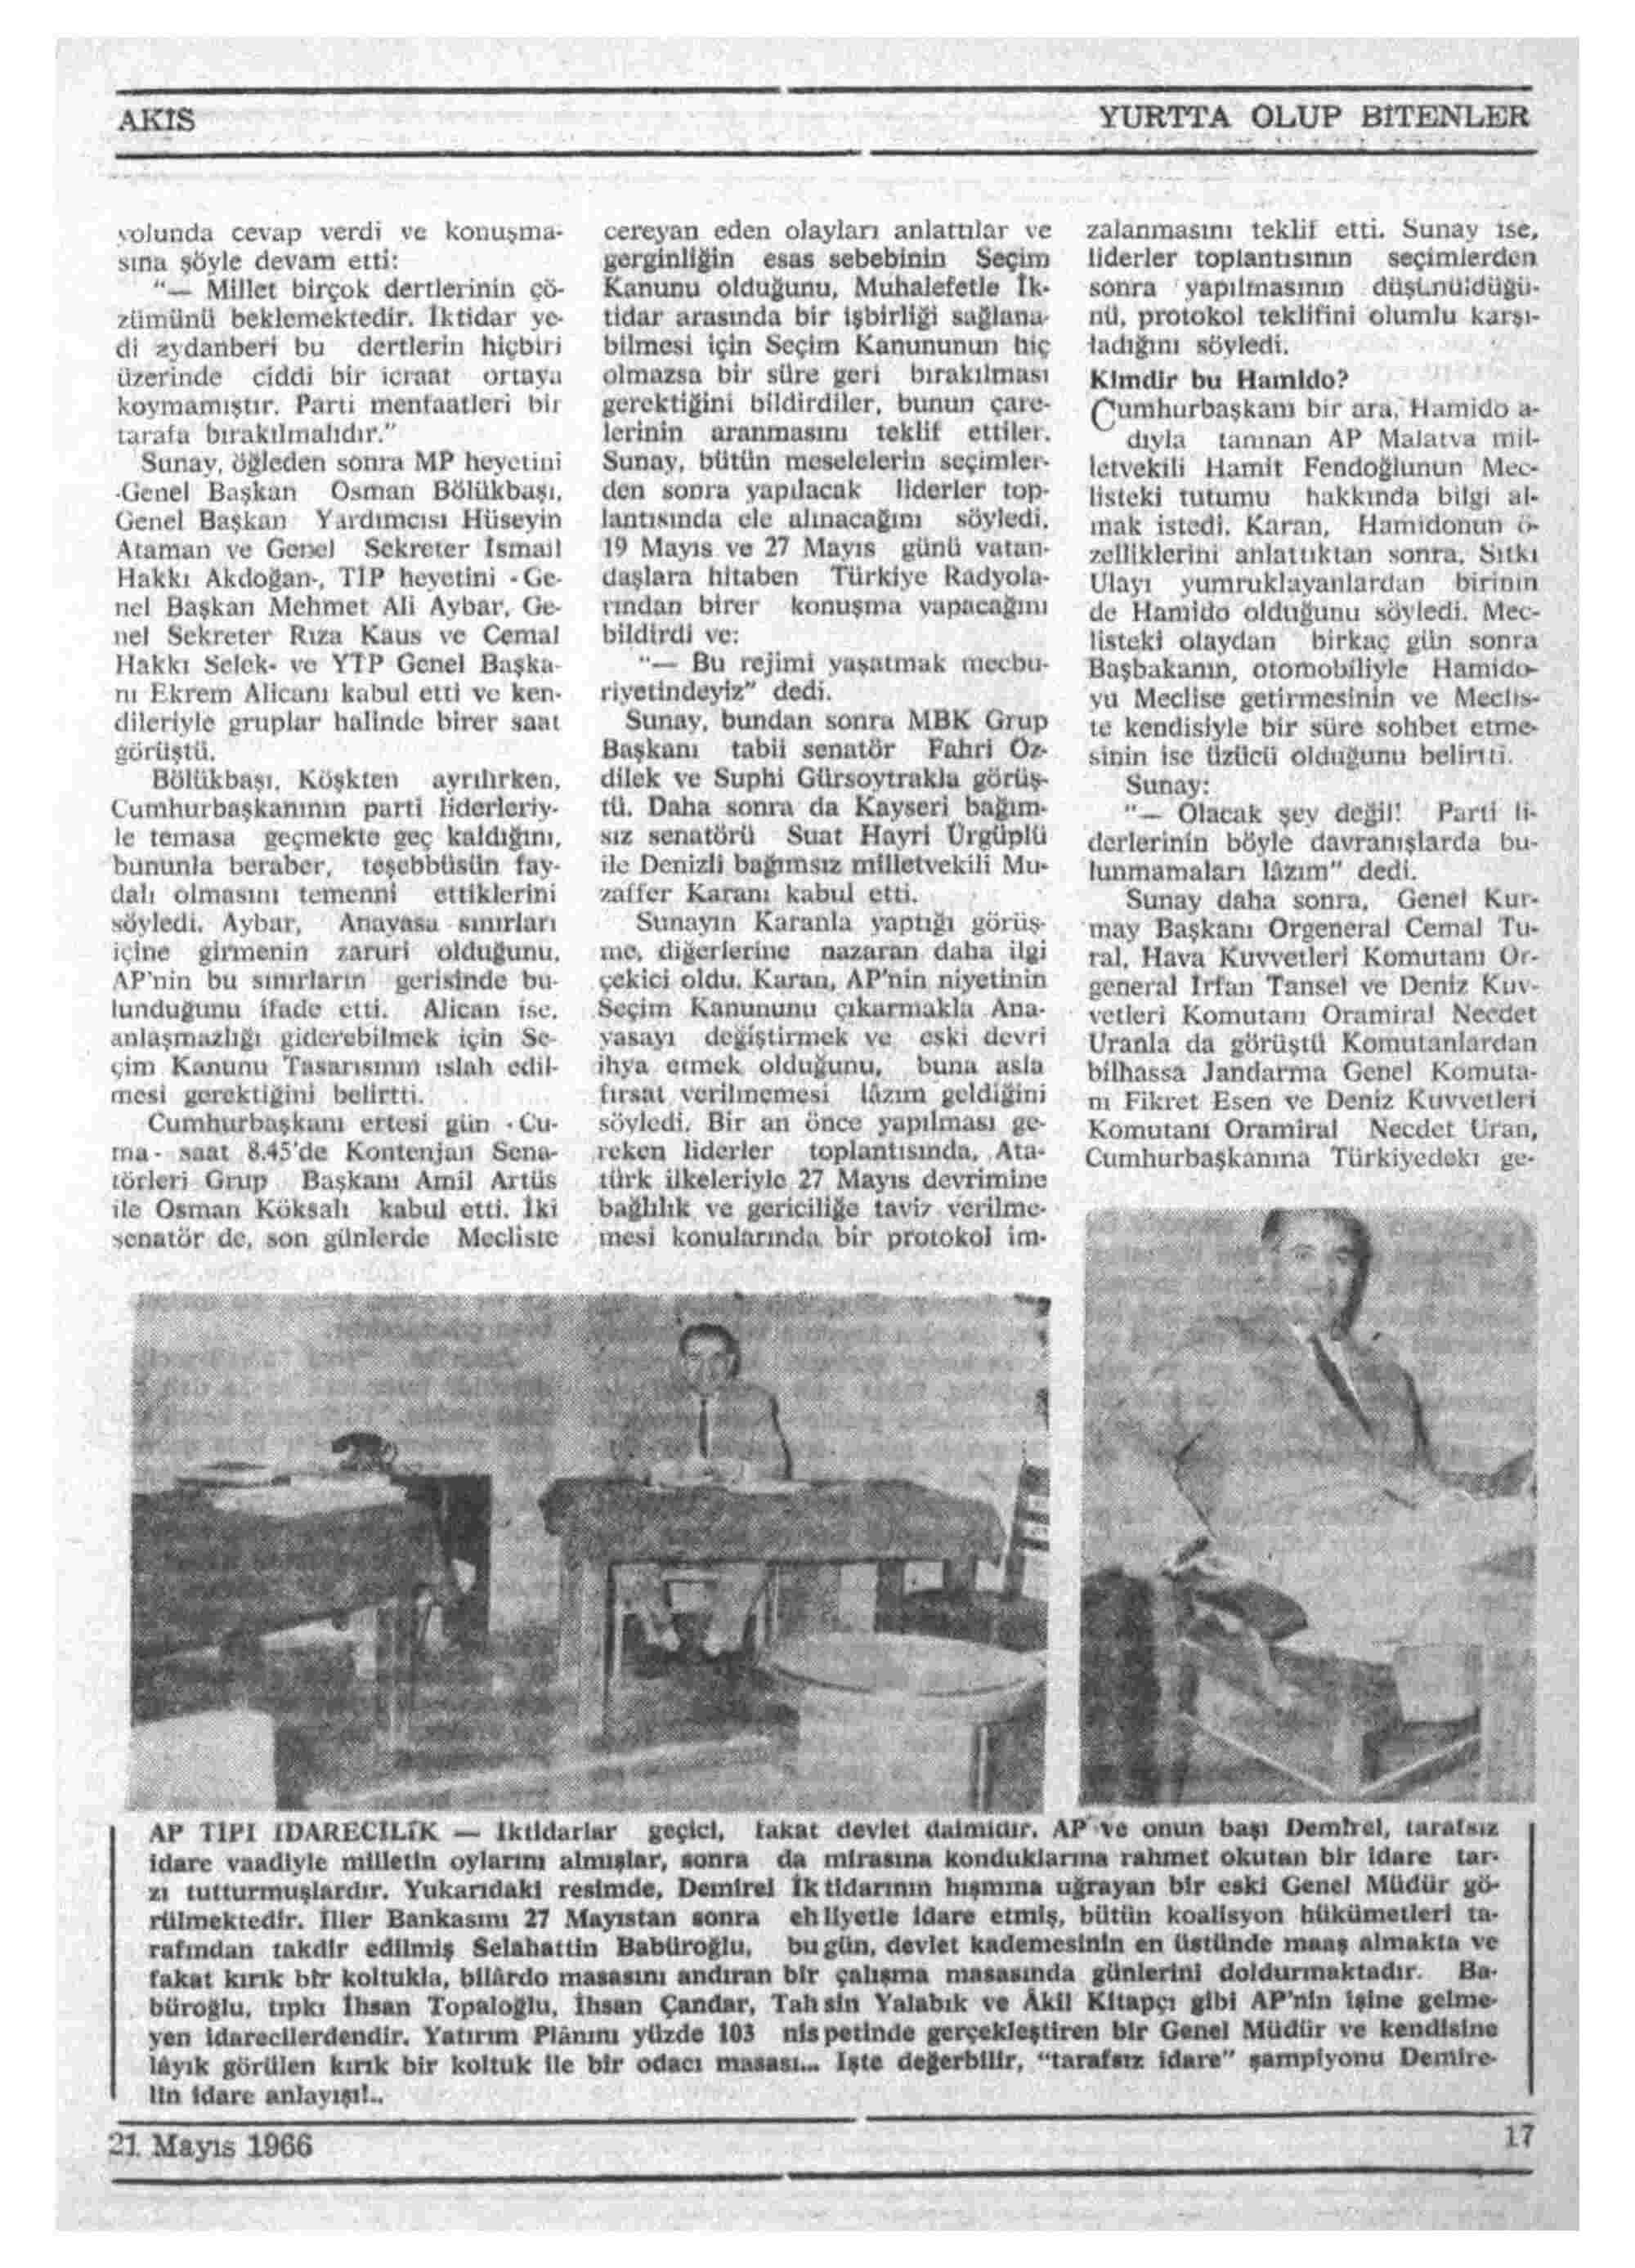 21 Mayıs 1966 Tarihli Akis Dergisi Sayfa 17